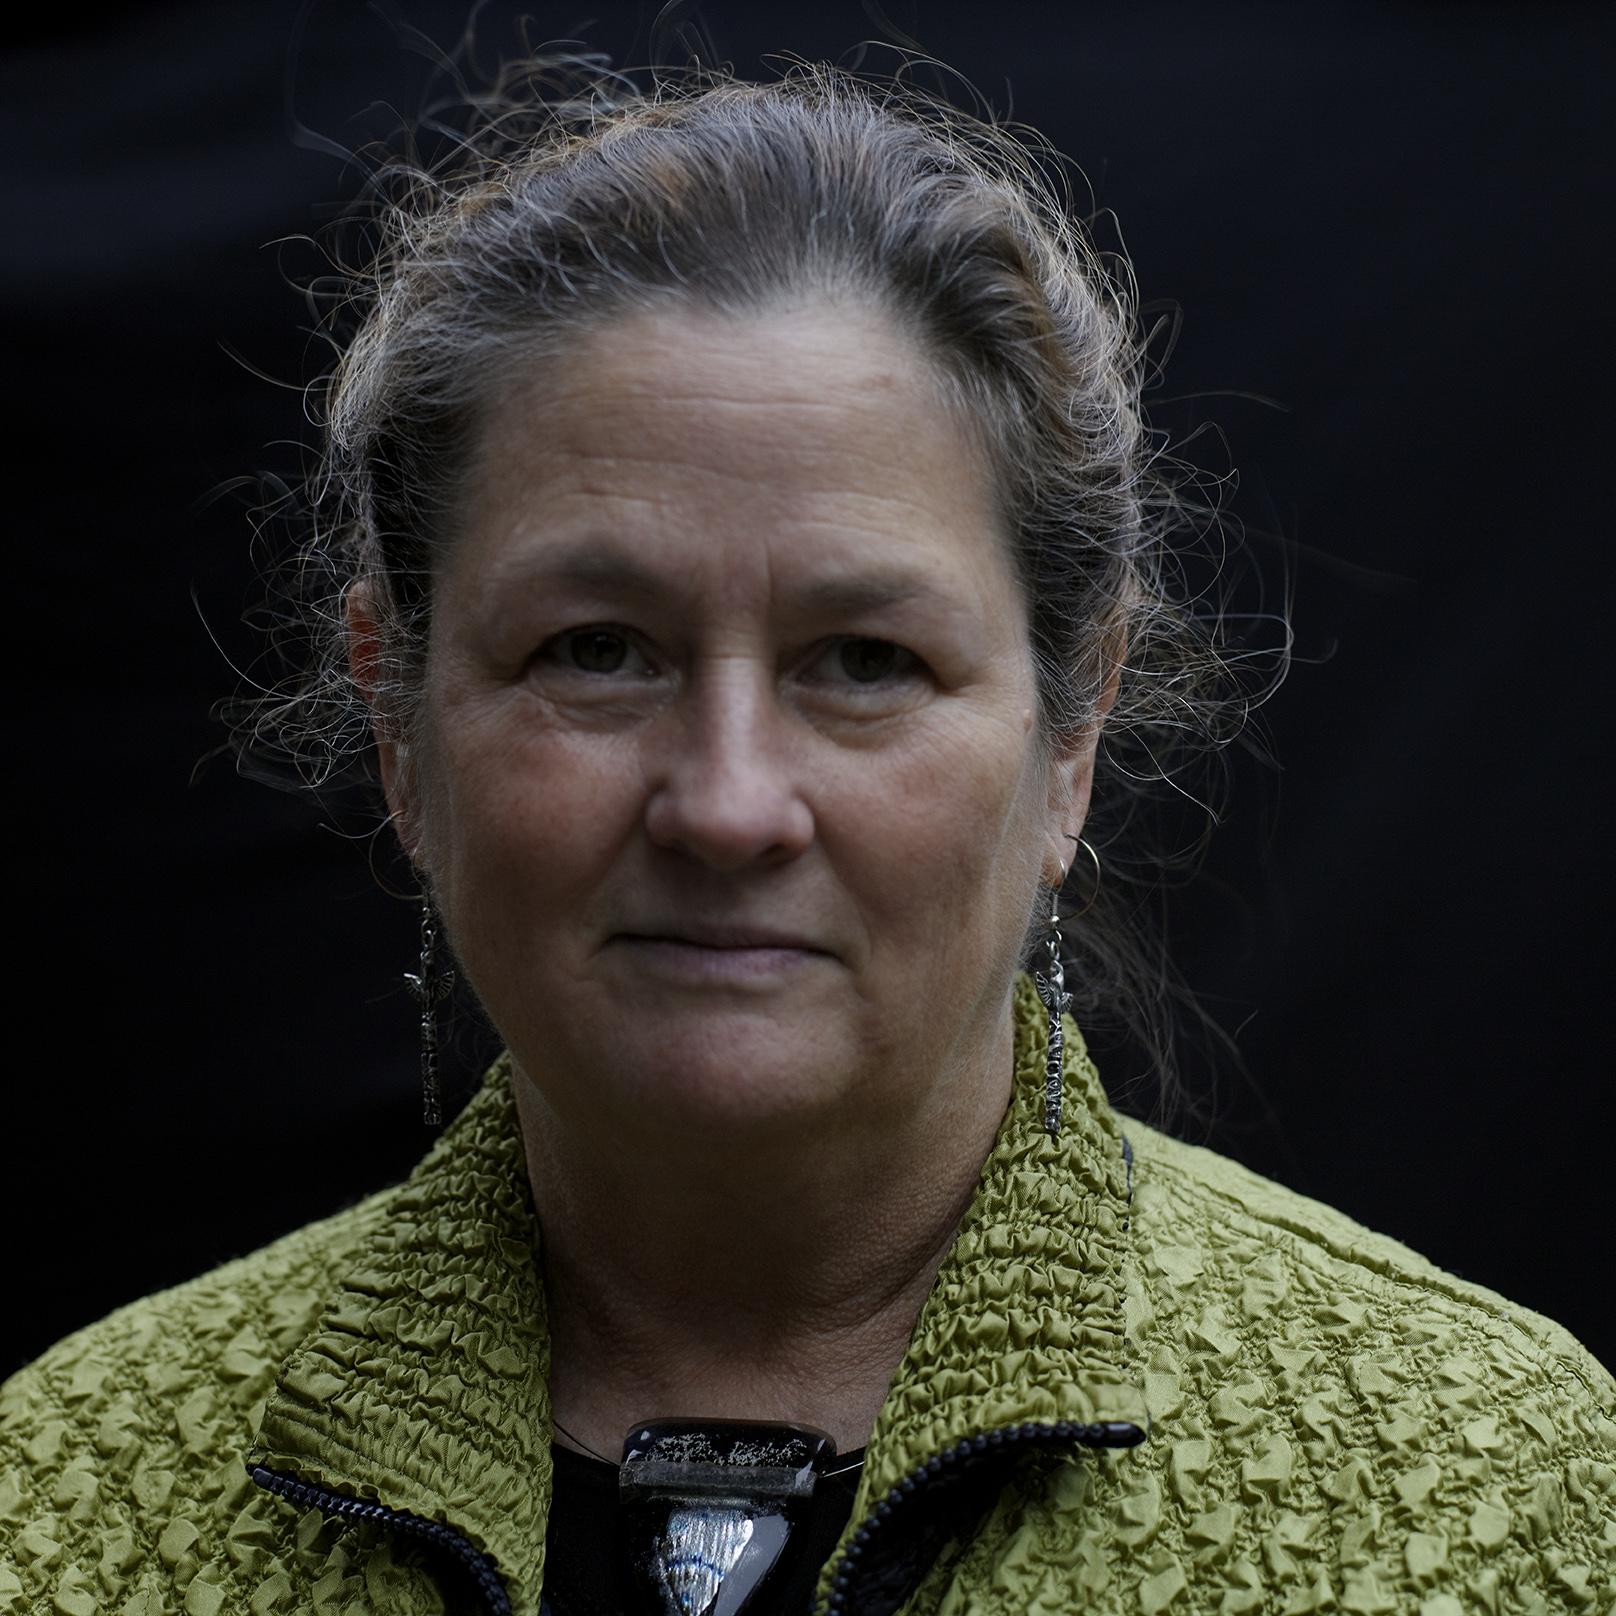 Lynette Chubb